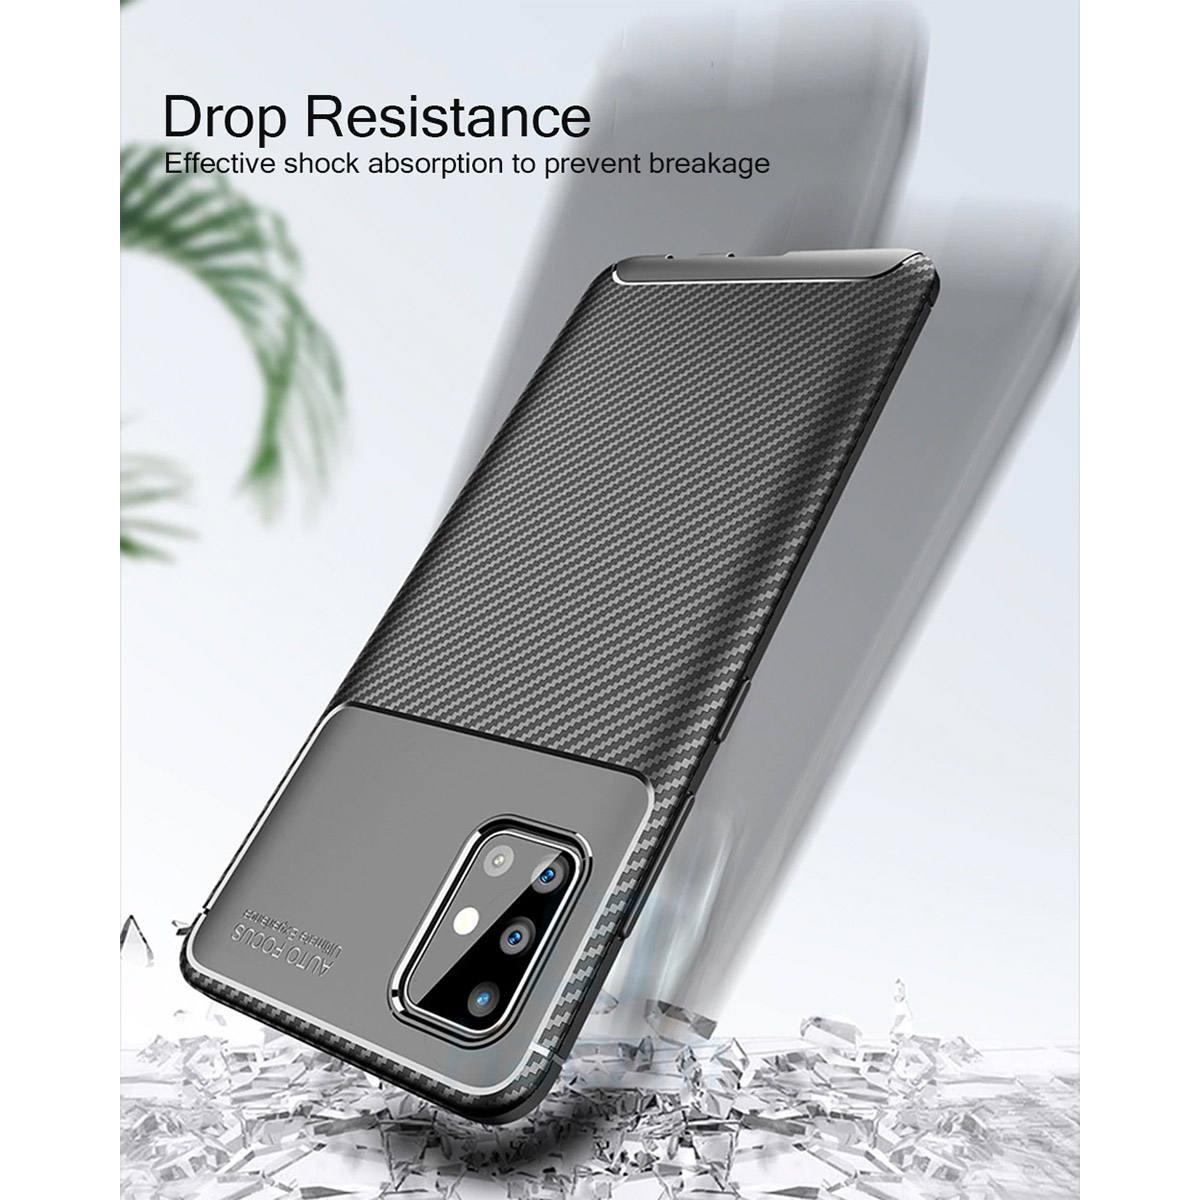 کاور لاین کینگ مدل A21 مناسب برای گوشی موبایل سامسونگ Galaxy A71 thumb 2 24